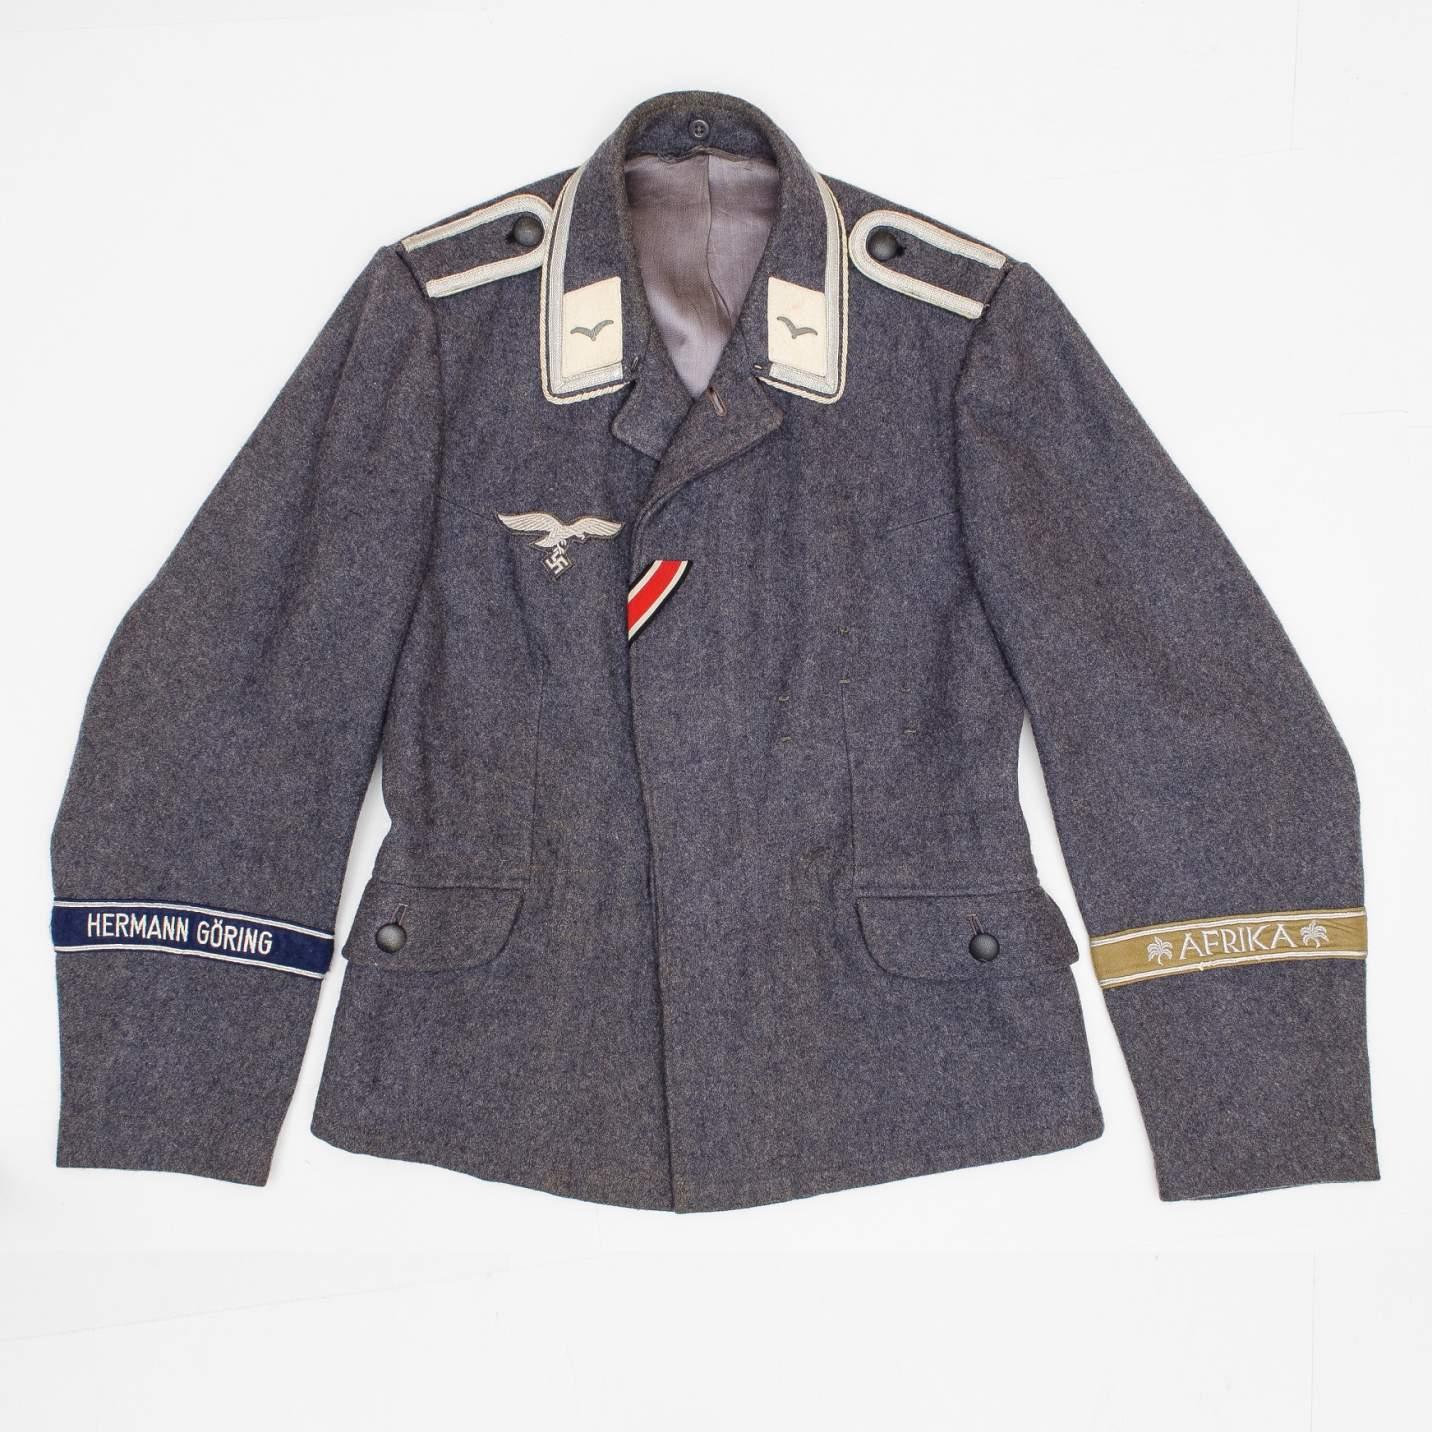 Luftwaffe Fliegerbluse for Hermann Göring Division ...